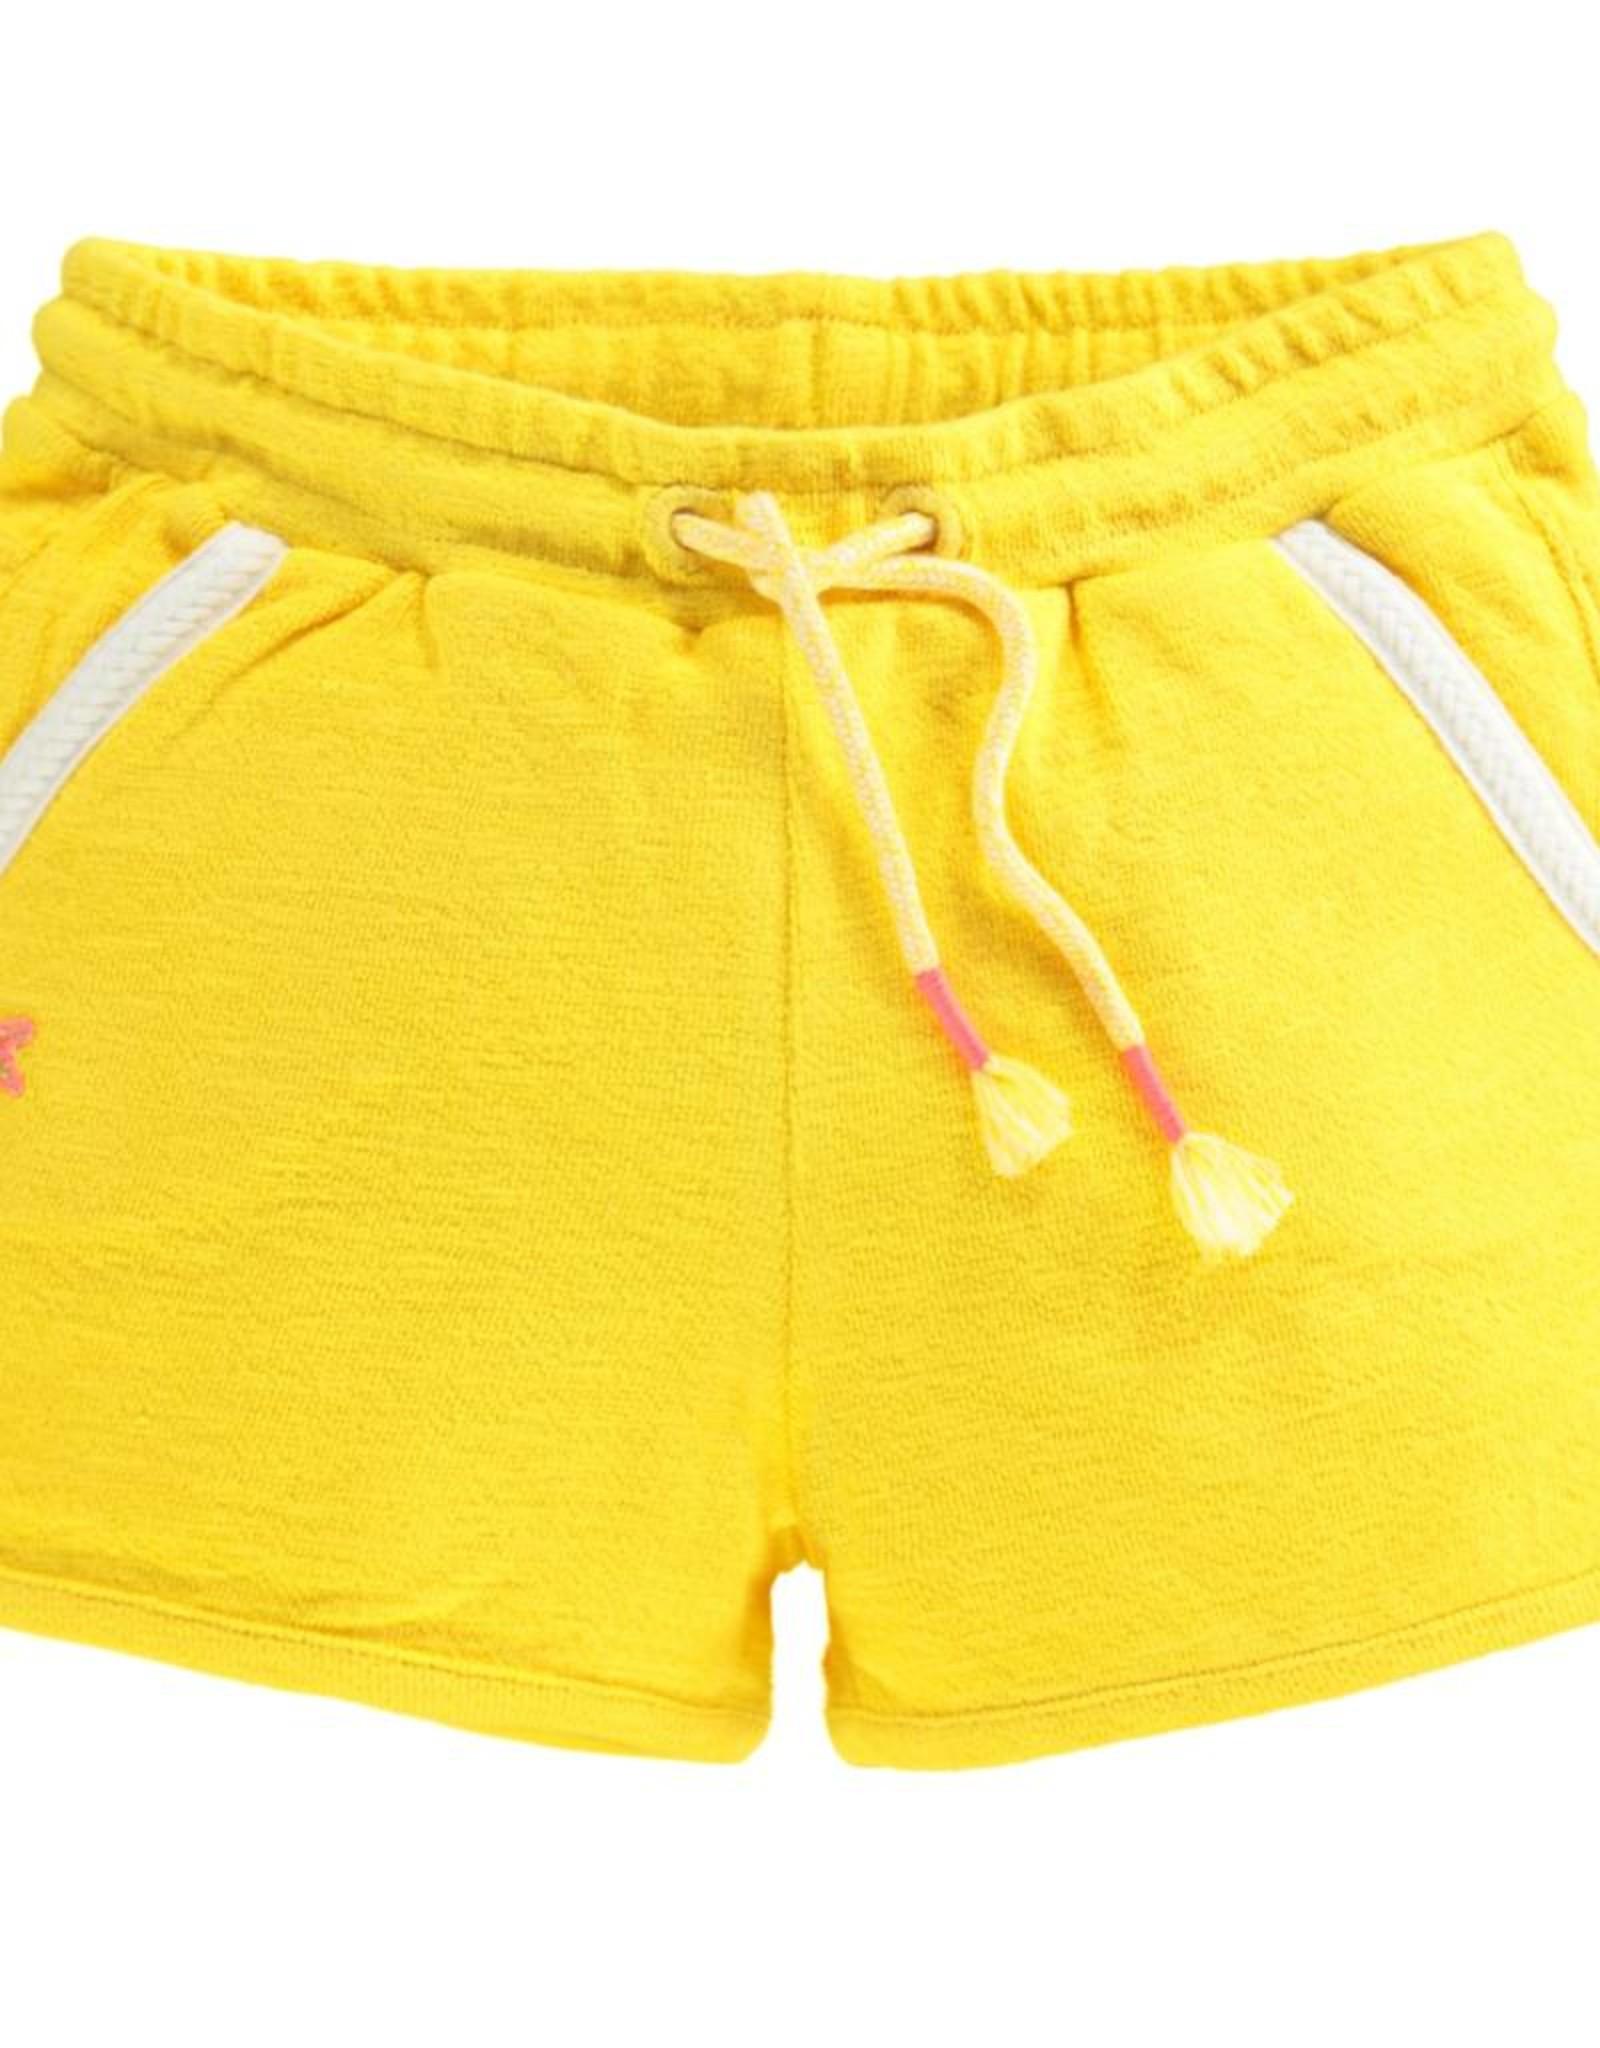 TUMBLE 'N DRY Tumble 'N Dry - Clearfield, Shorts